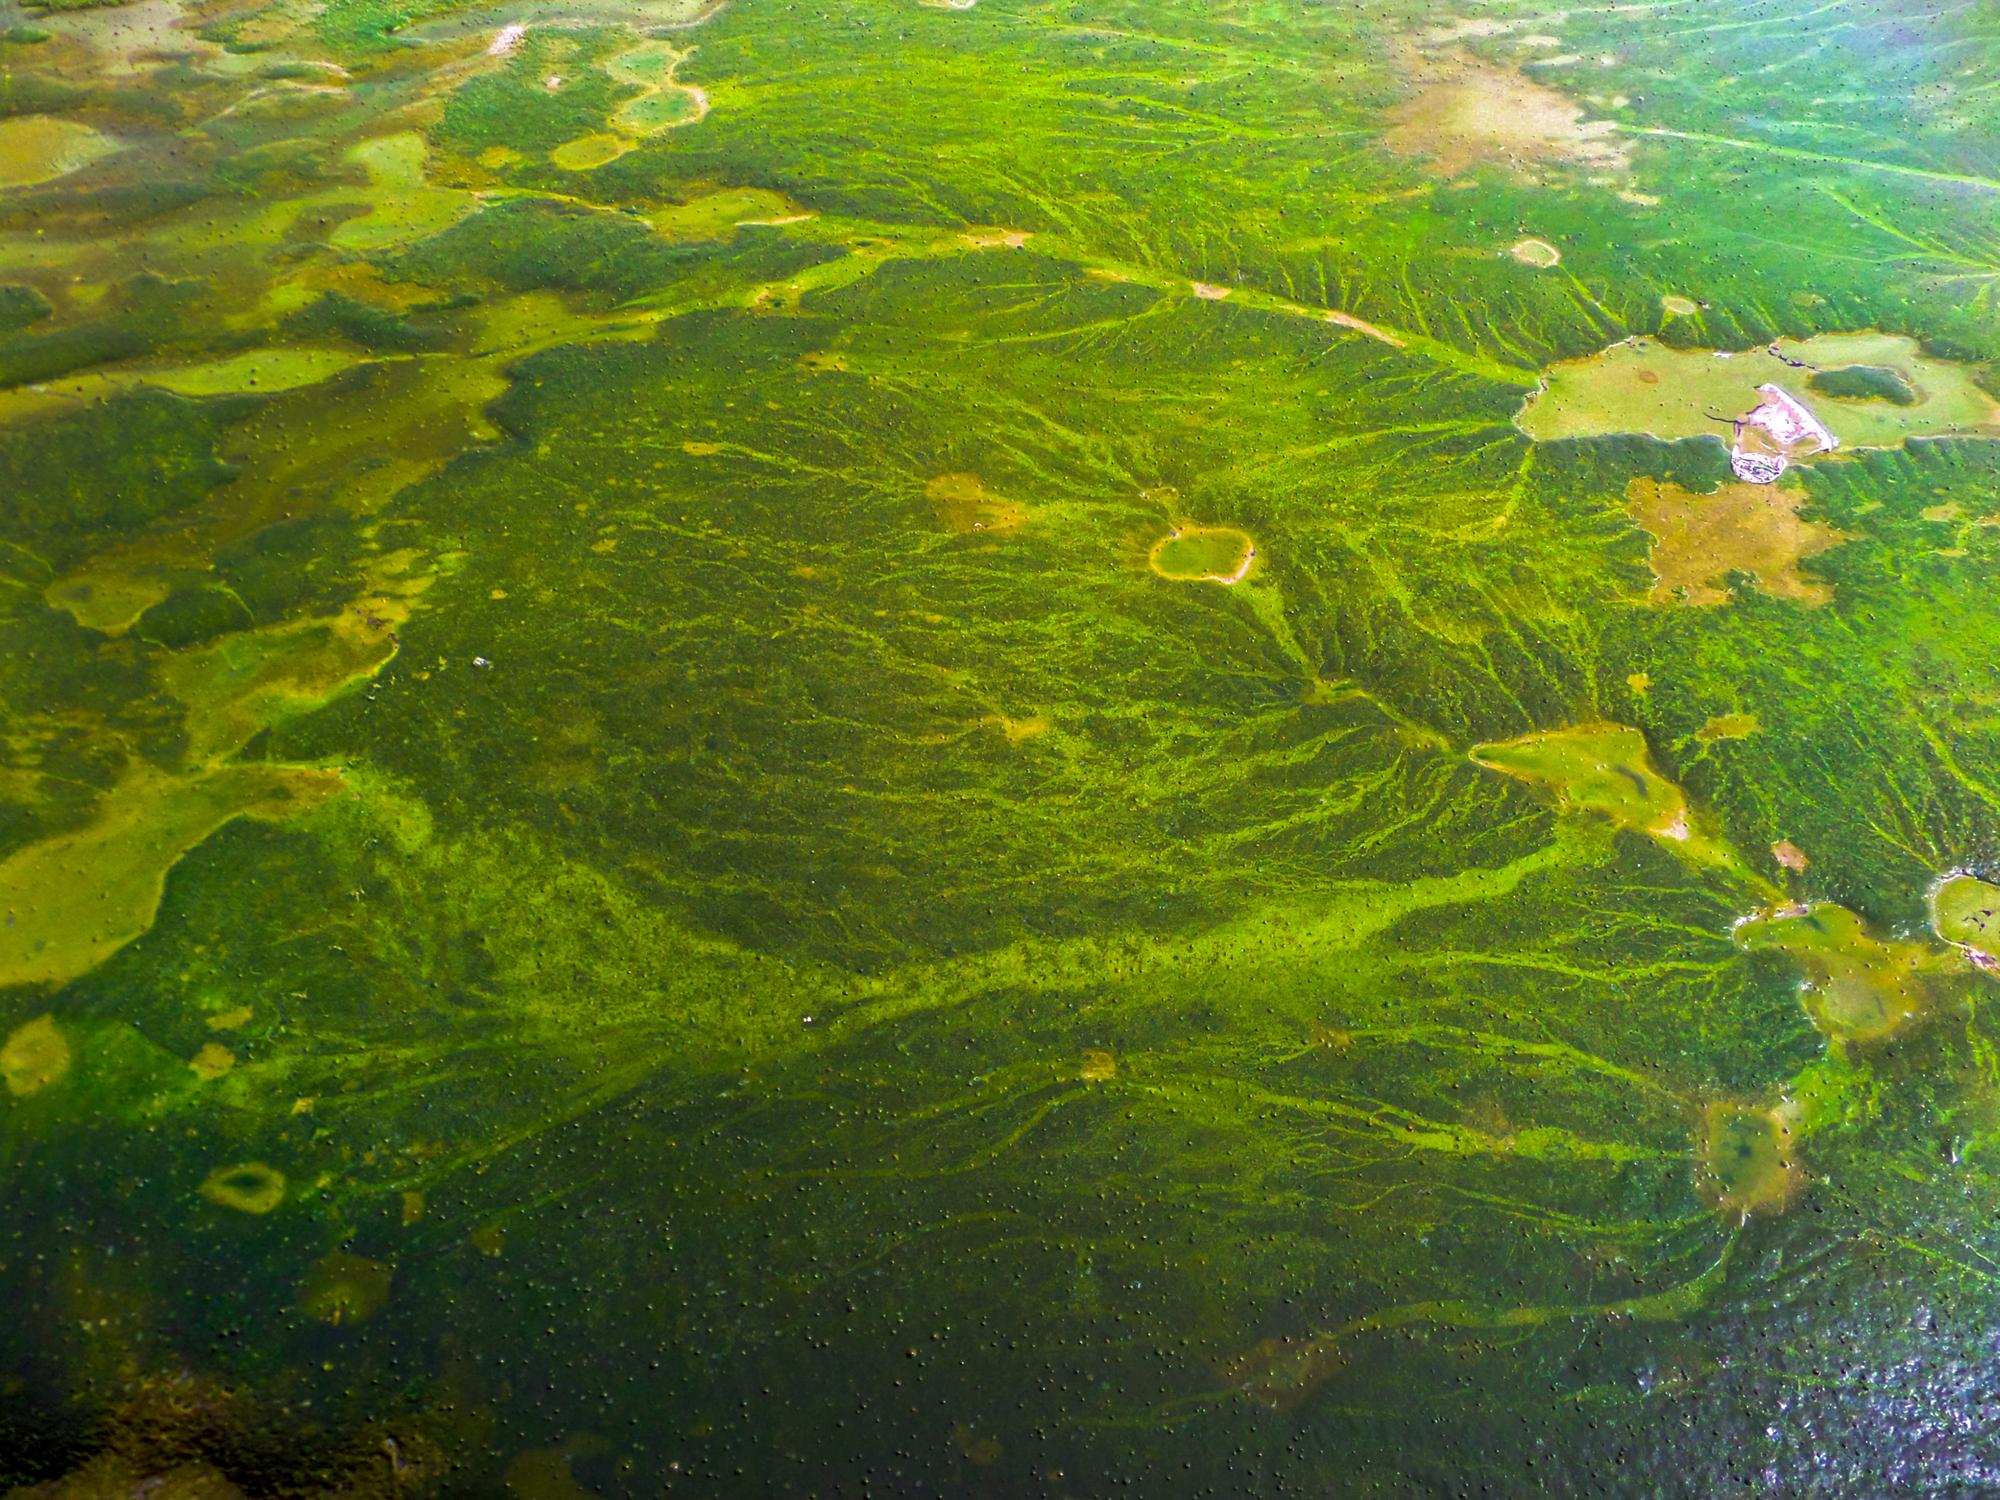 A harmful algal bloom (HAB)